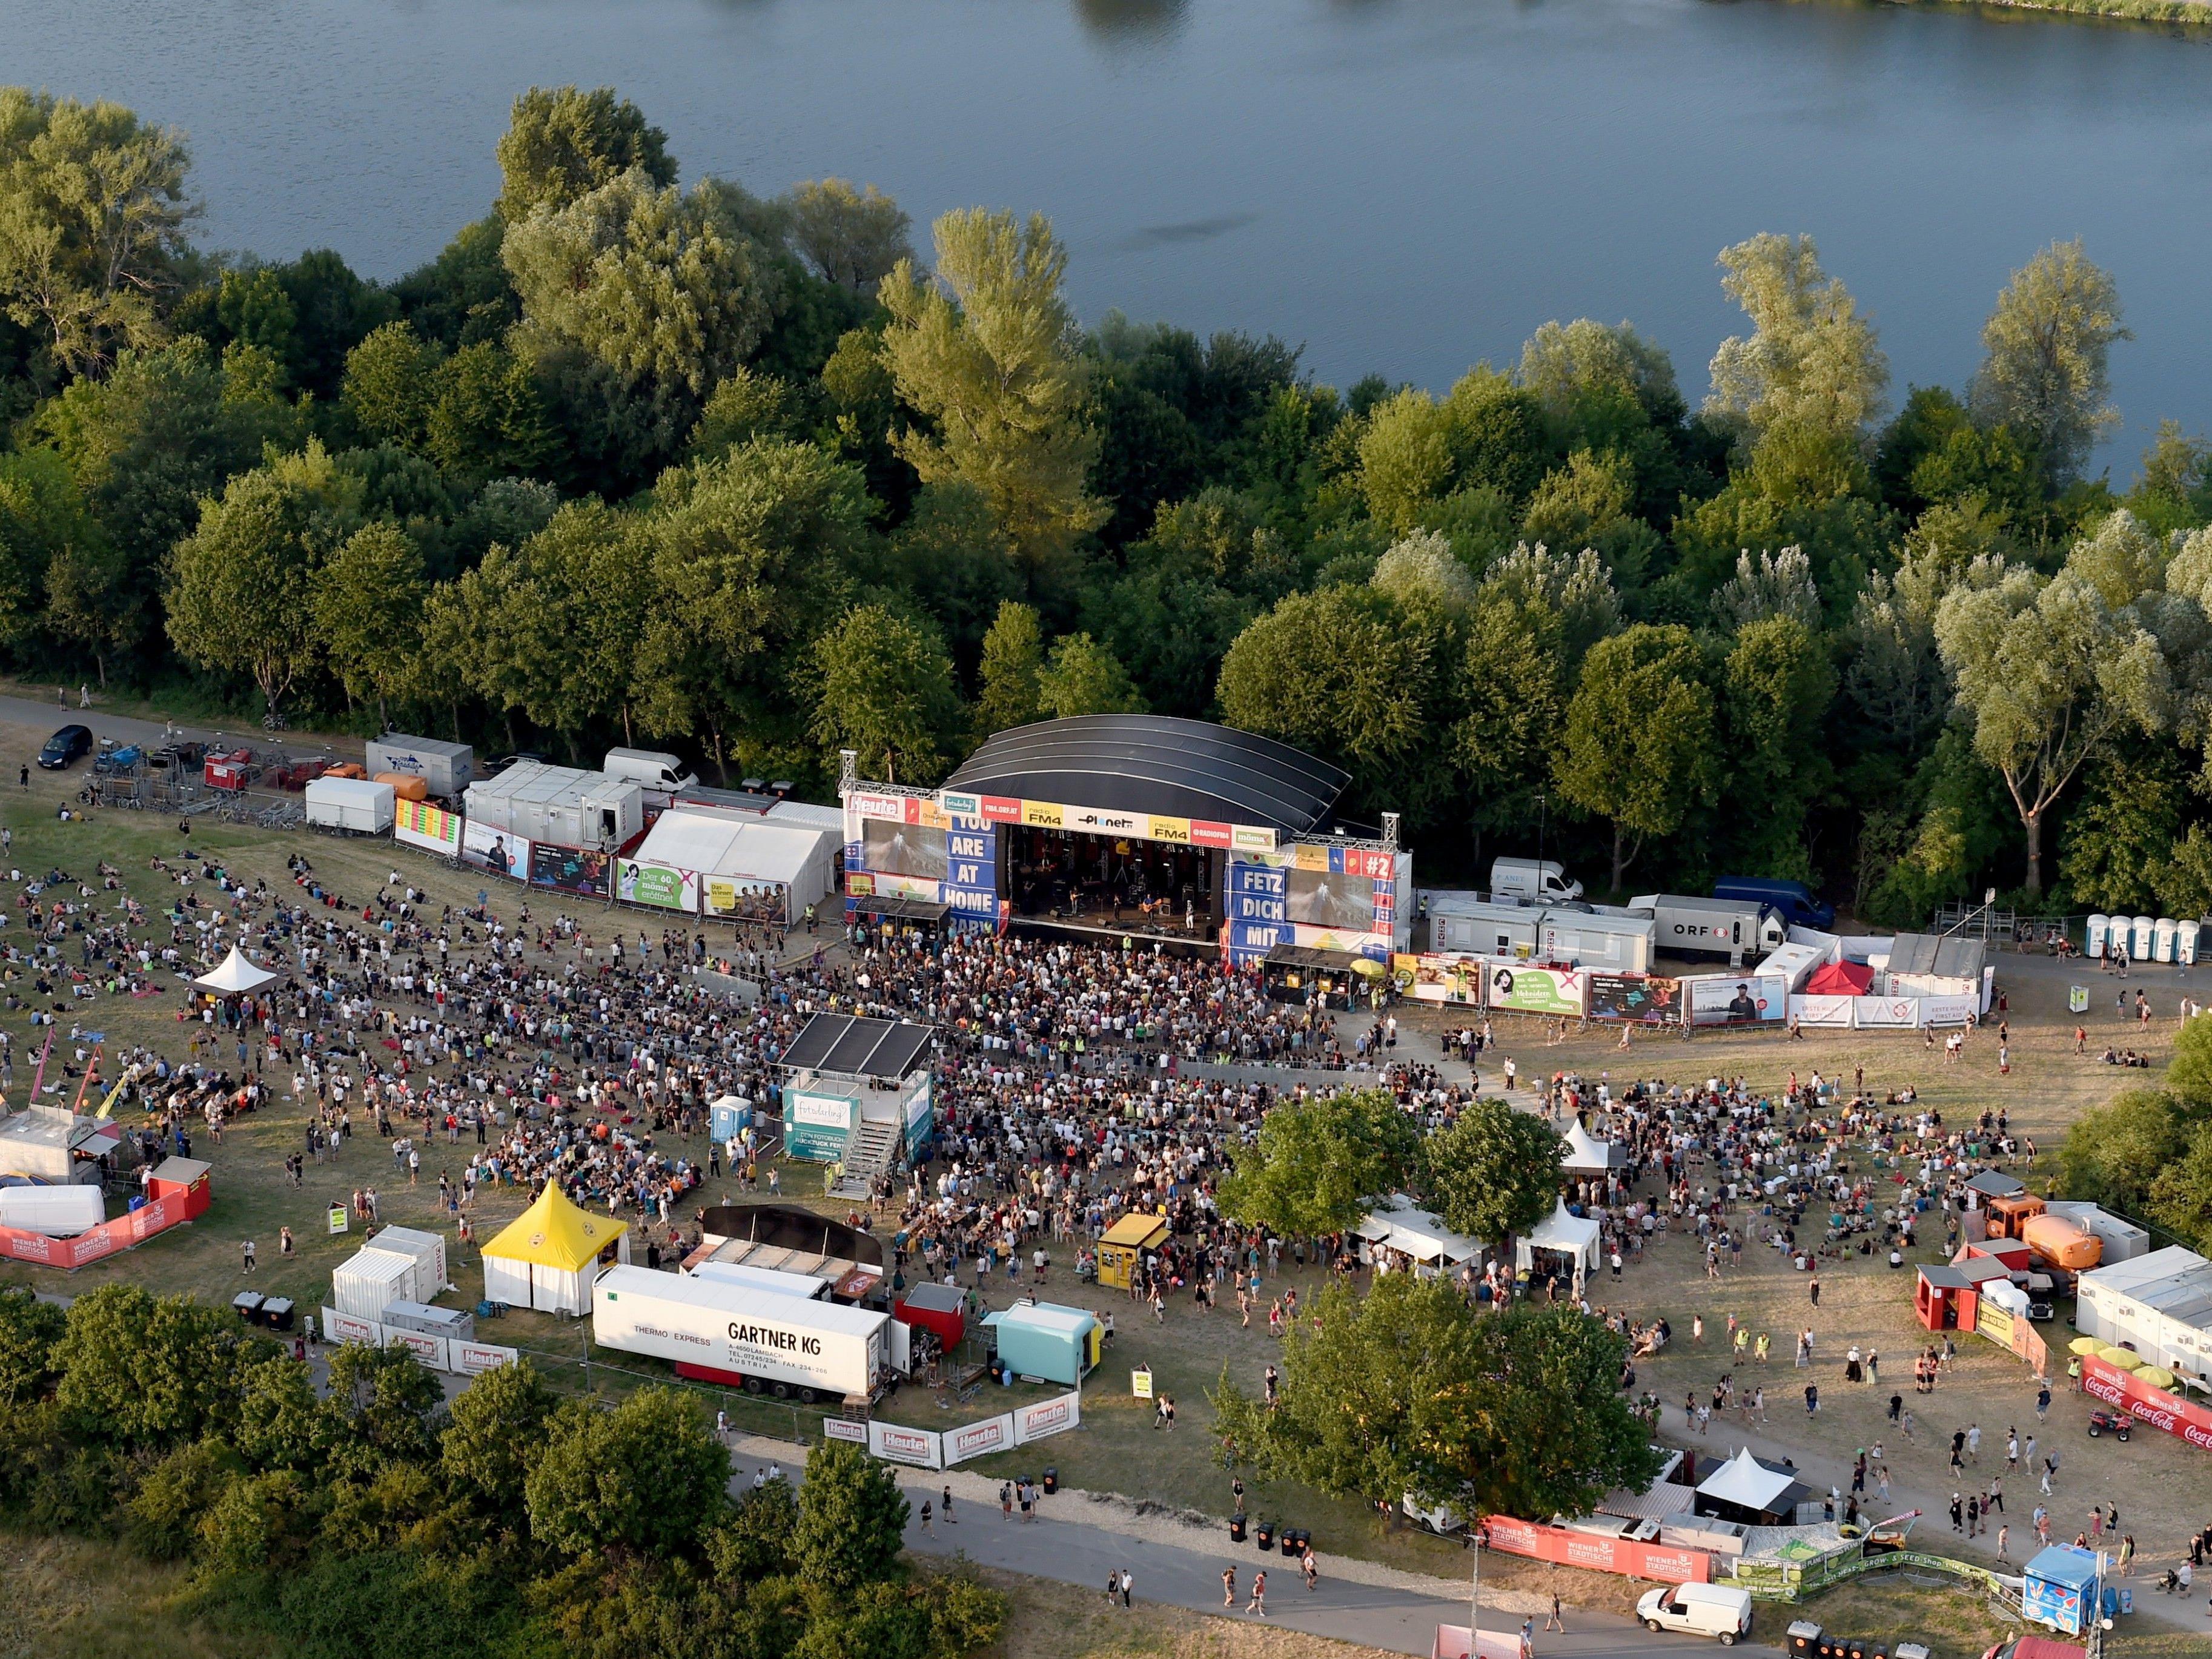 1,1 Millionen Besucher fanden sich am Samstag beim Wiener Donauinselfest ein.